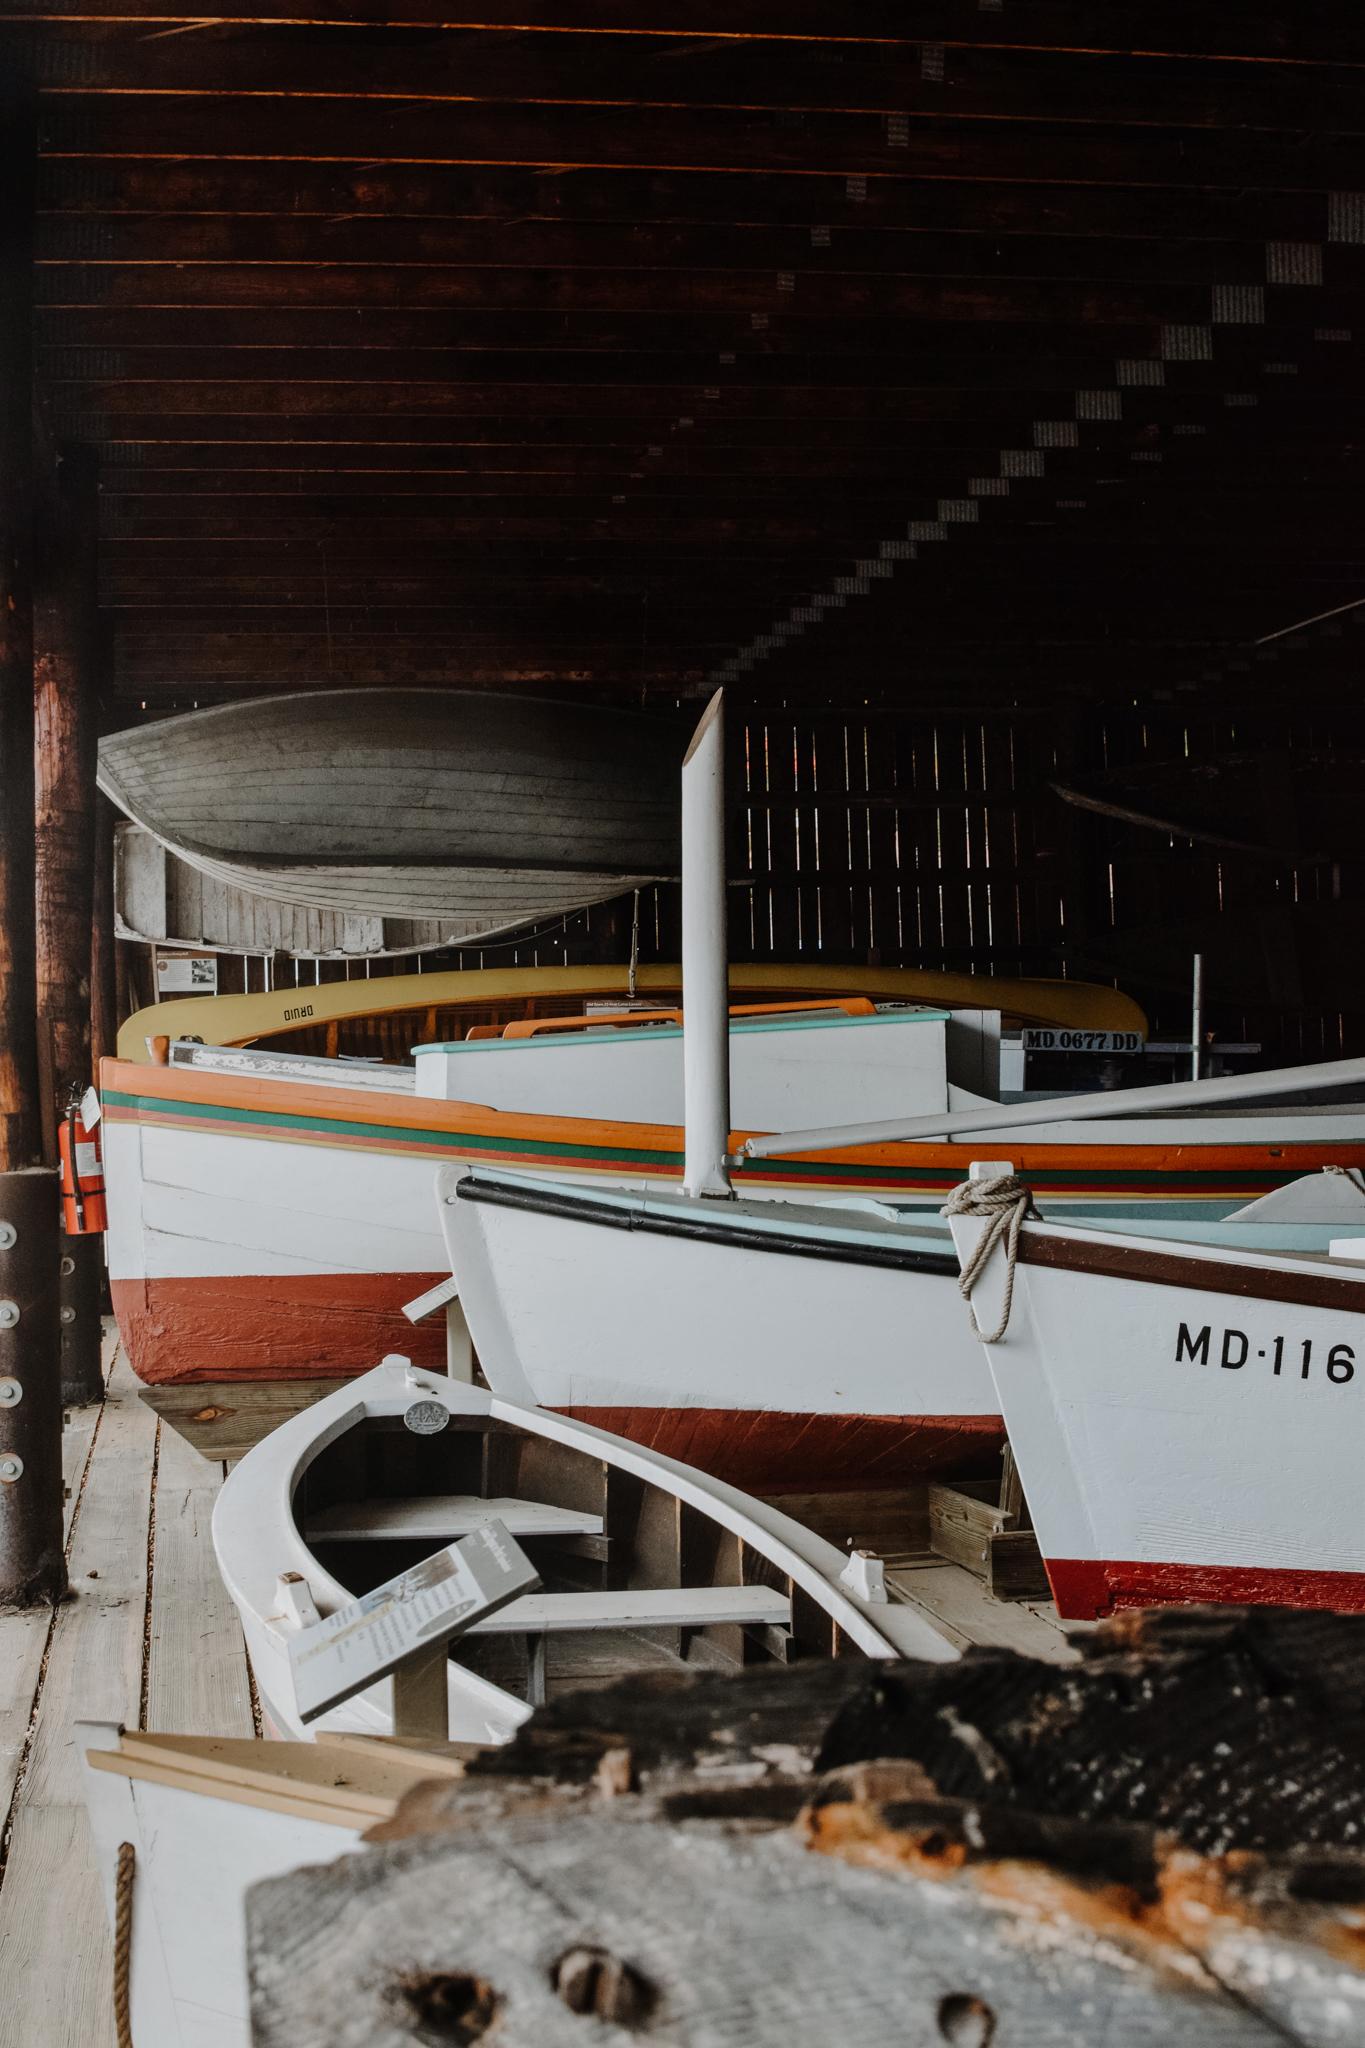 weekend in calvert county - calvert marine museum